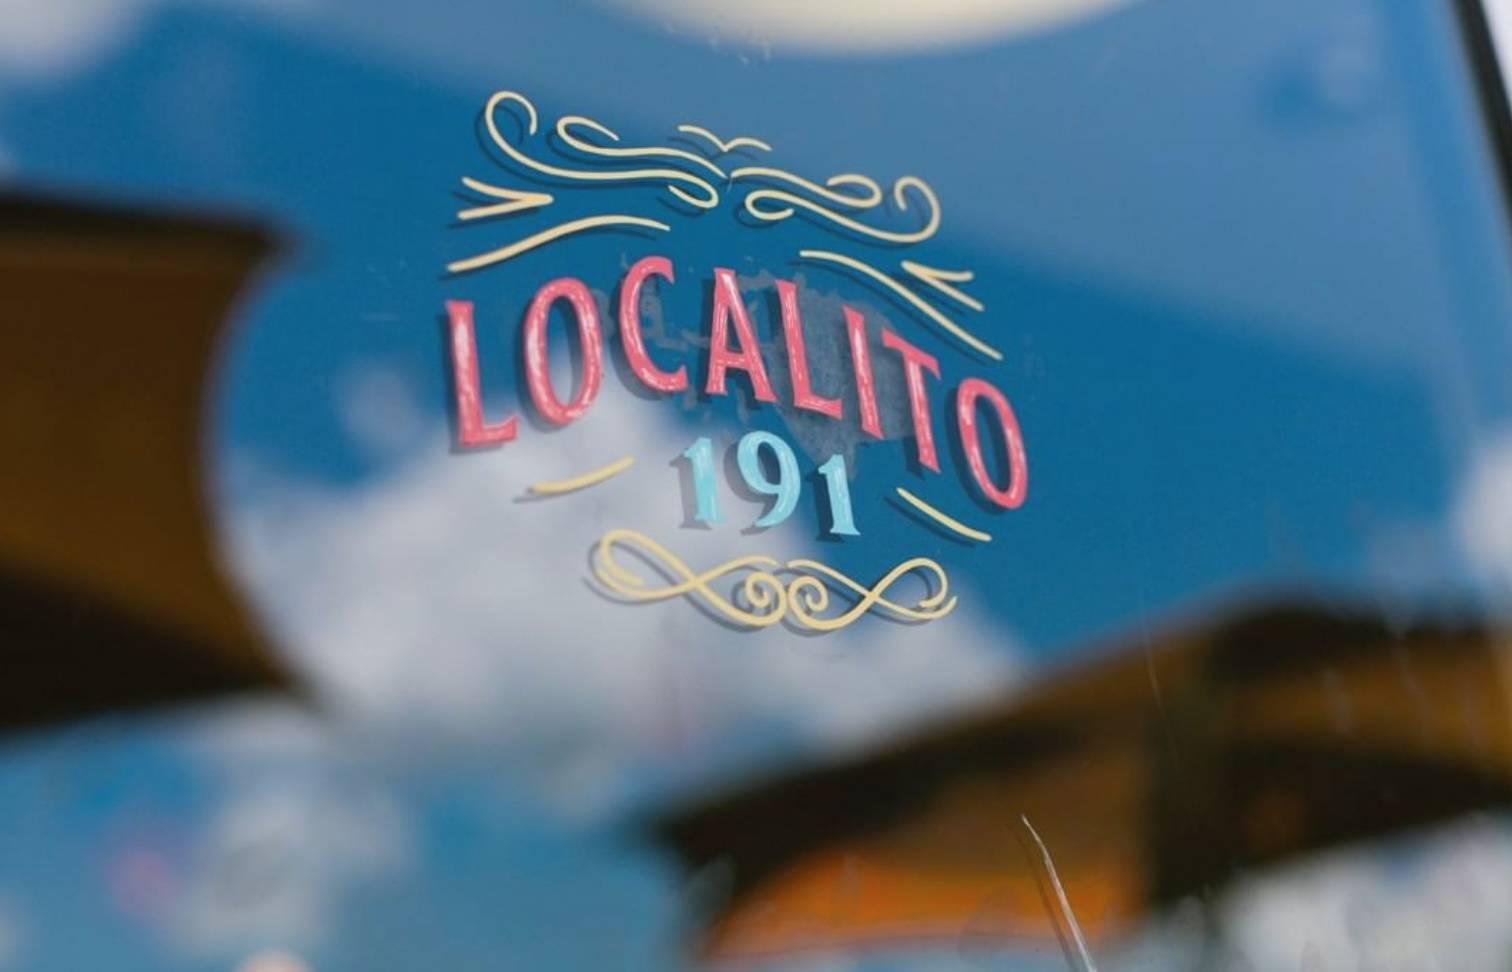 Localito 191